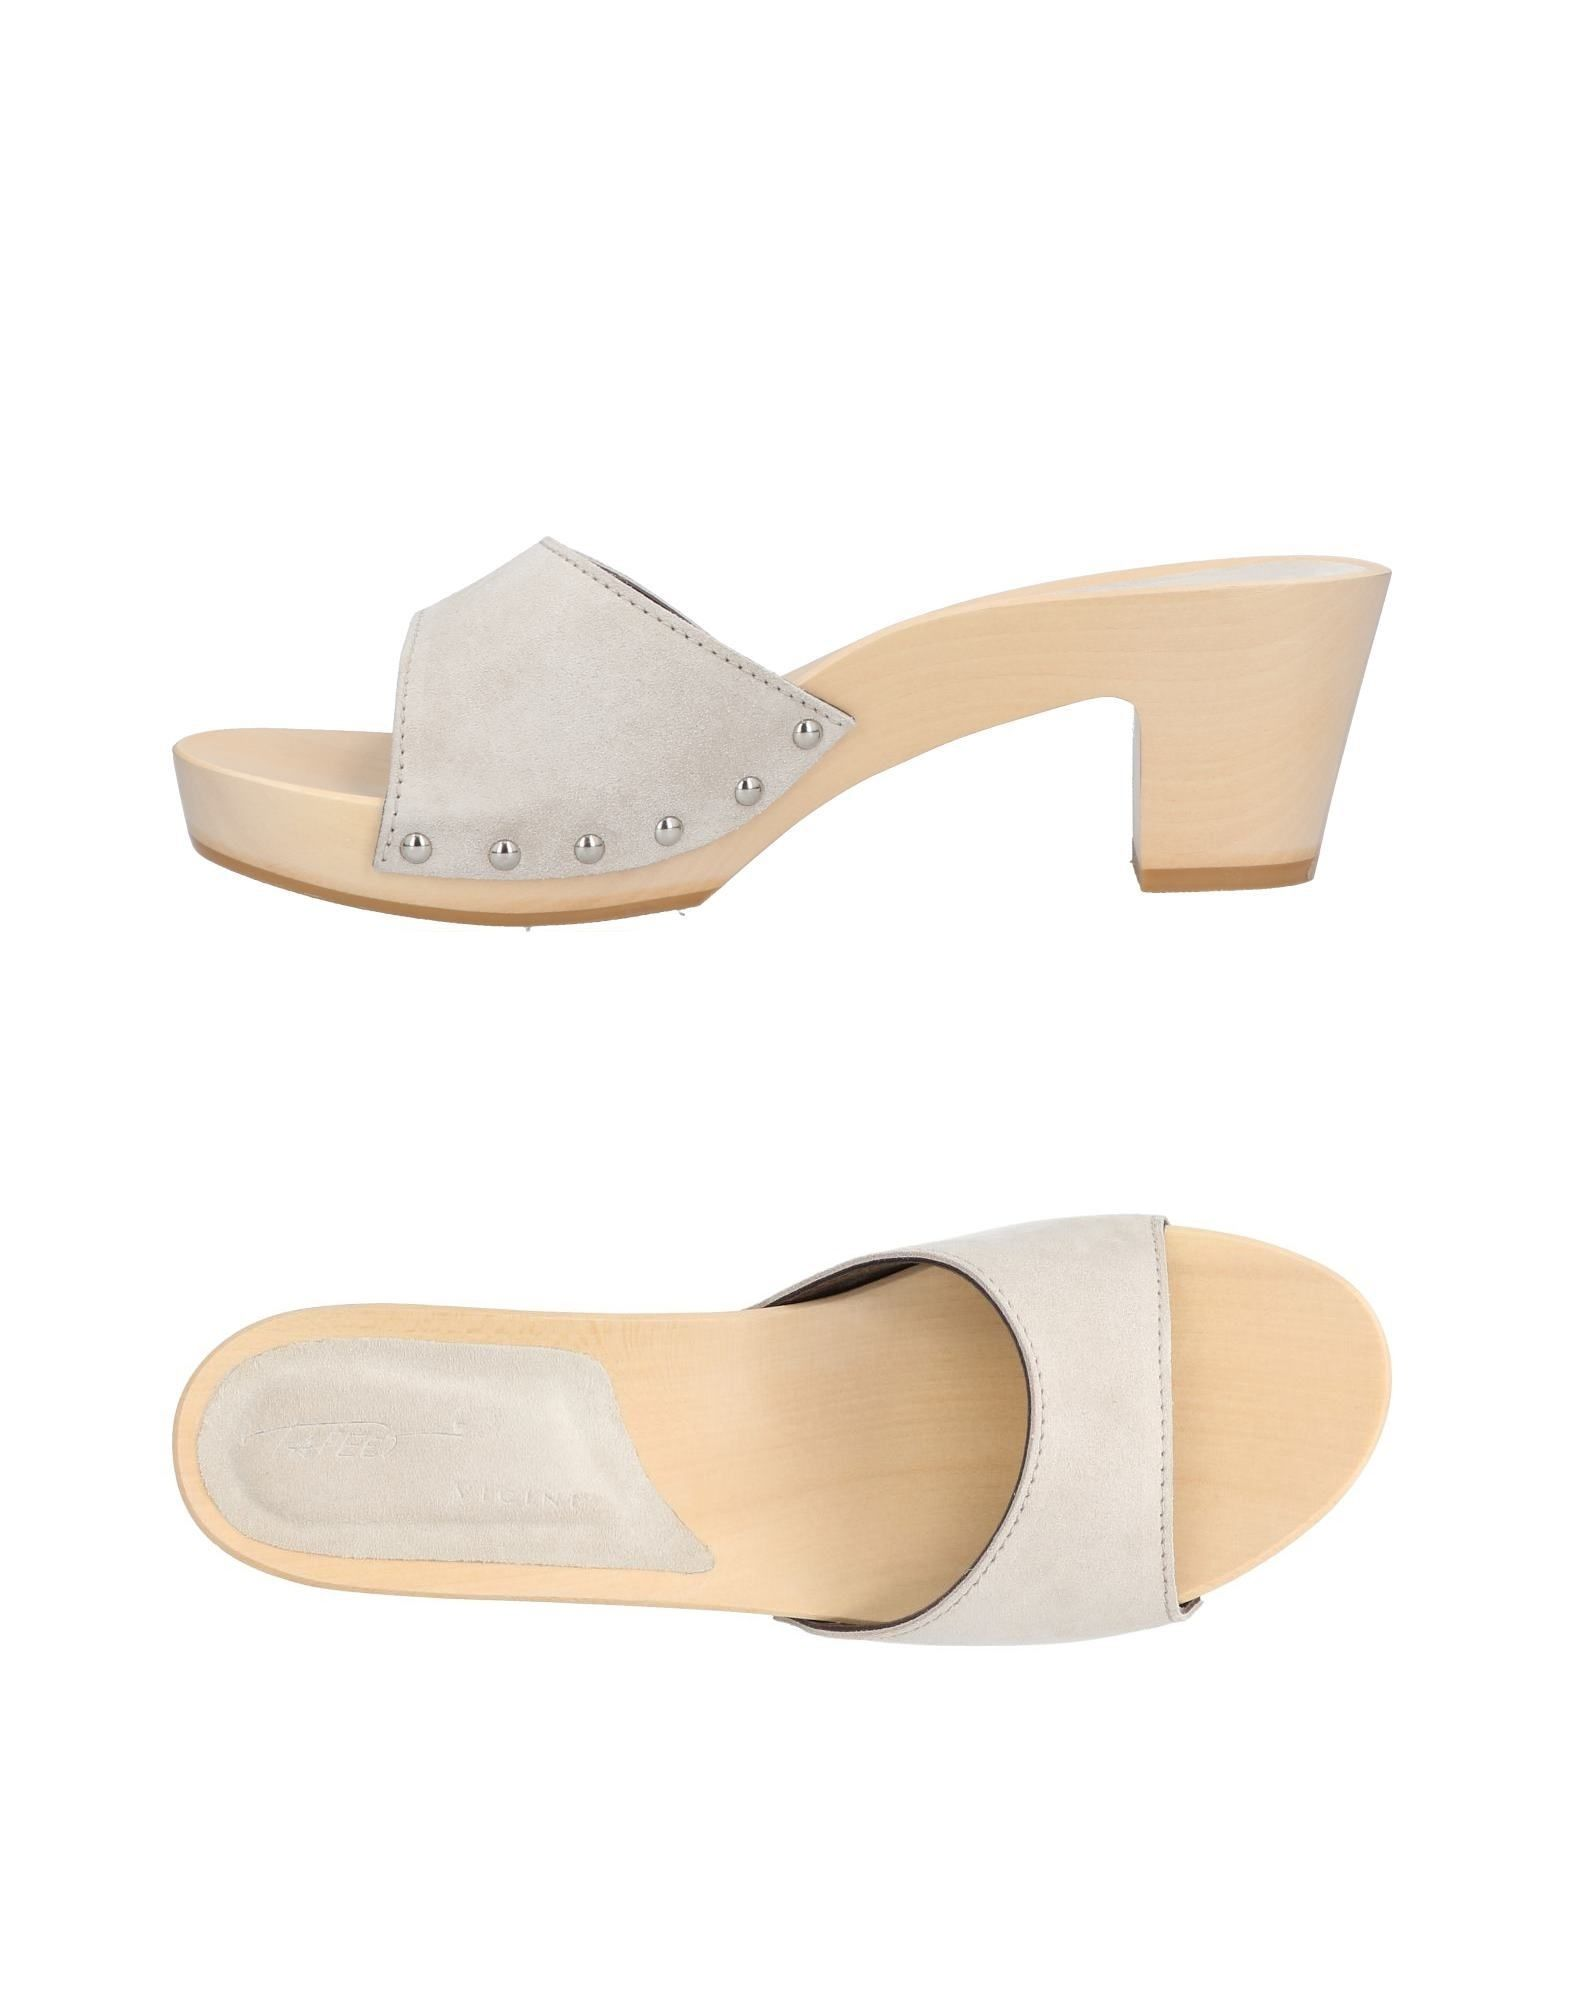 Vicini Tapeet Pantoletten Damen  11430575HG Gute Qualität beliebte Schuhe